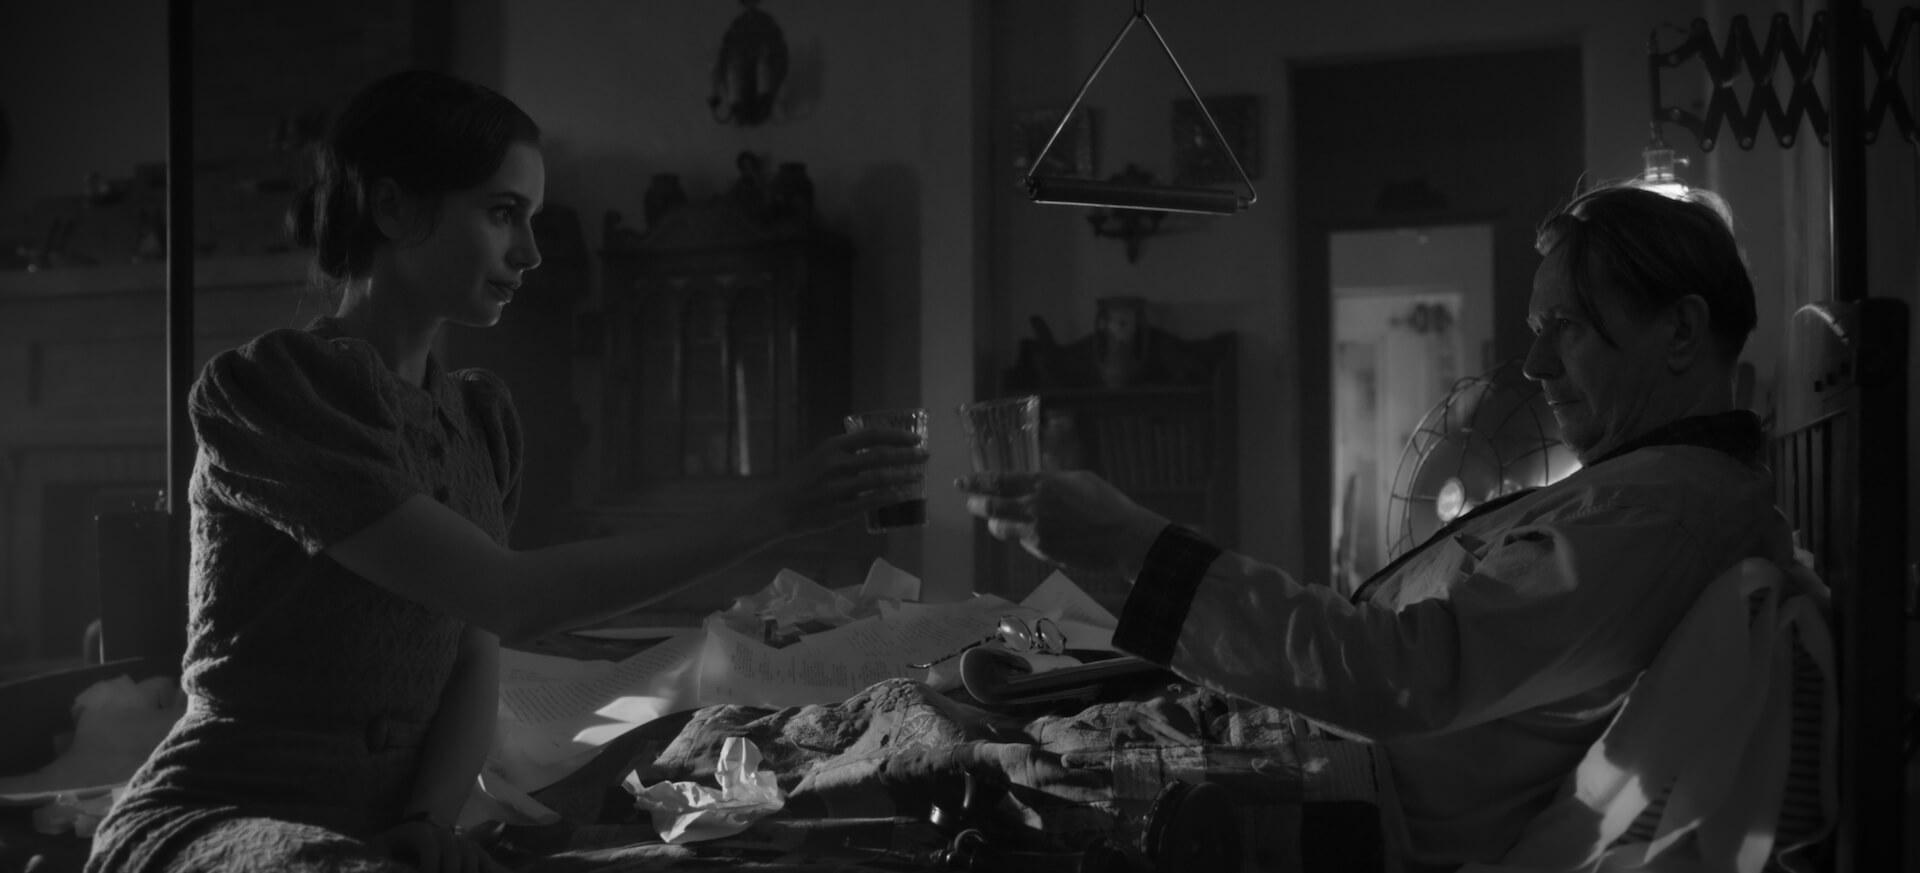 デヴィッド・フィンチャー×ゲイリー・オールドマンで注目のNetflix『Mank/マンク』が全国各地の映画館で上映決定!モノクロで統一された場面写真も解禁 film201104_mank_2